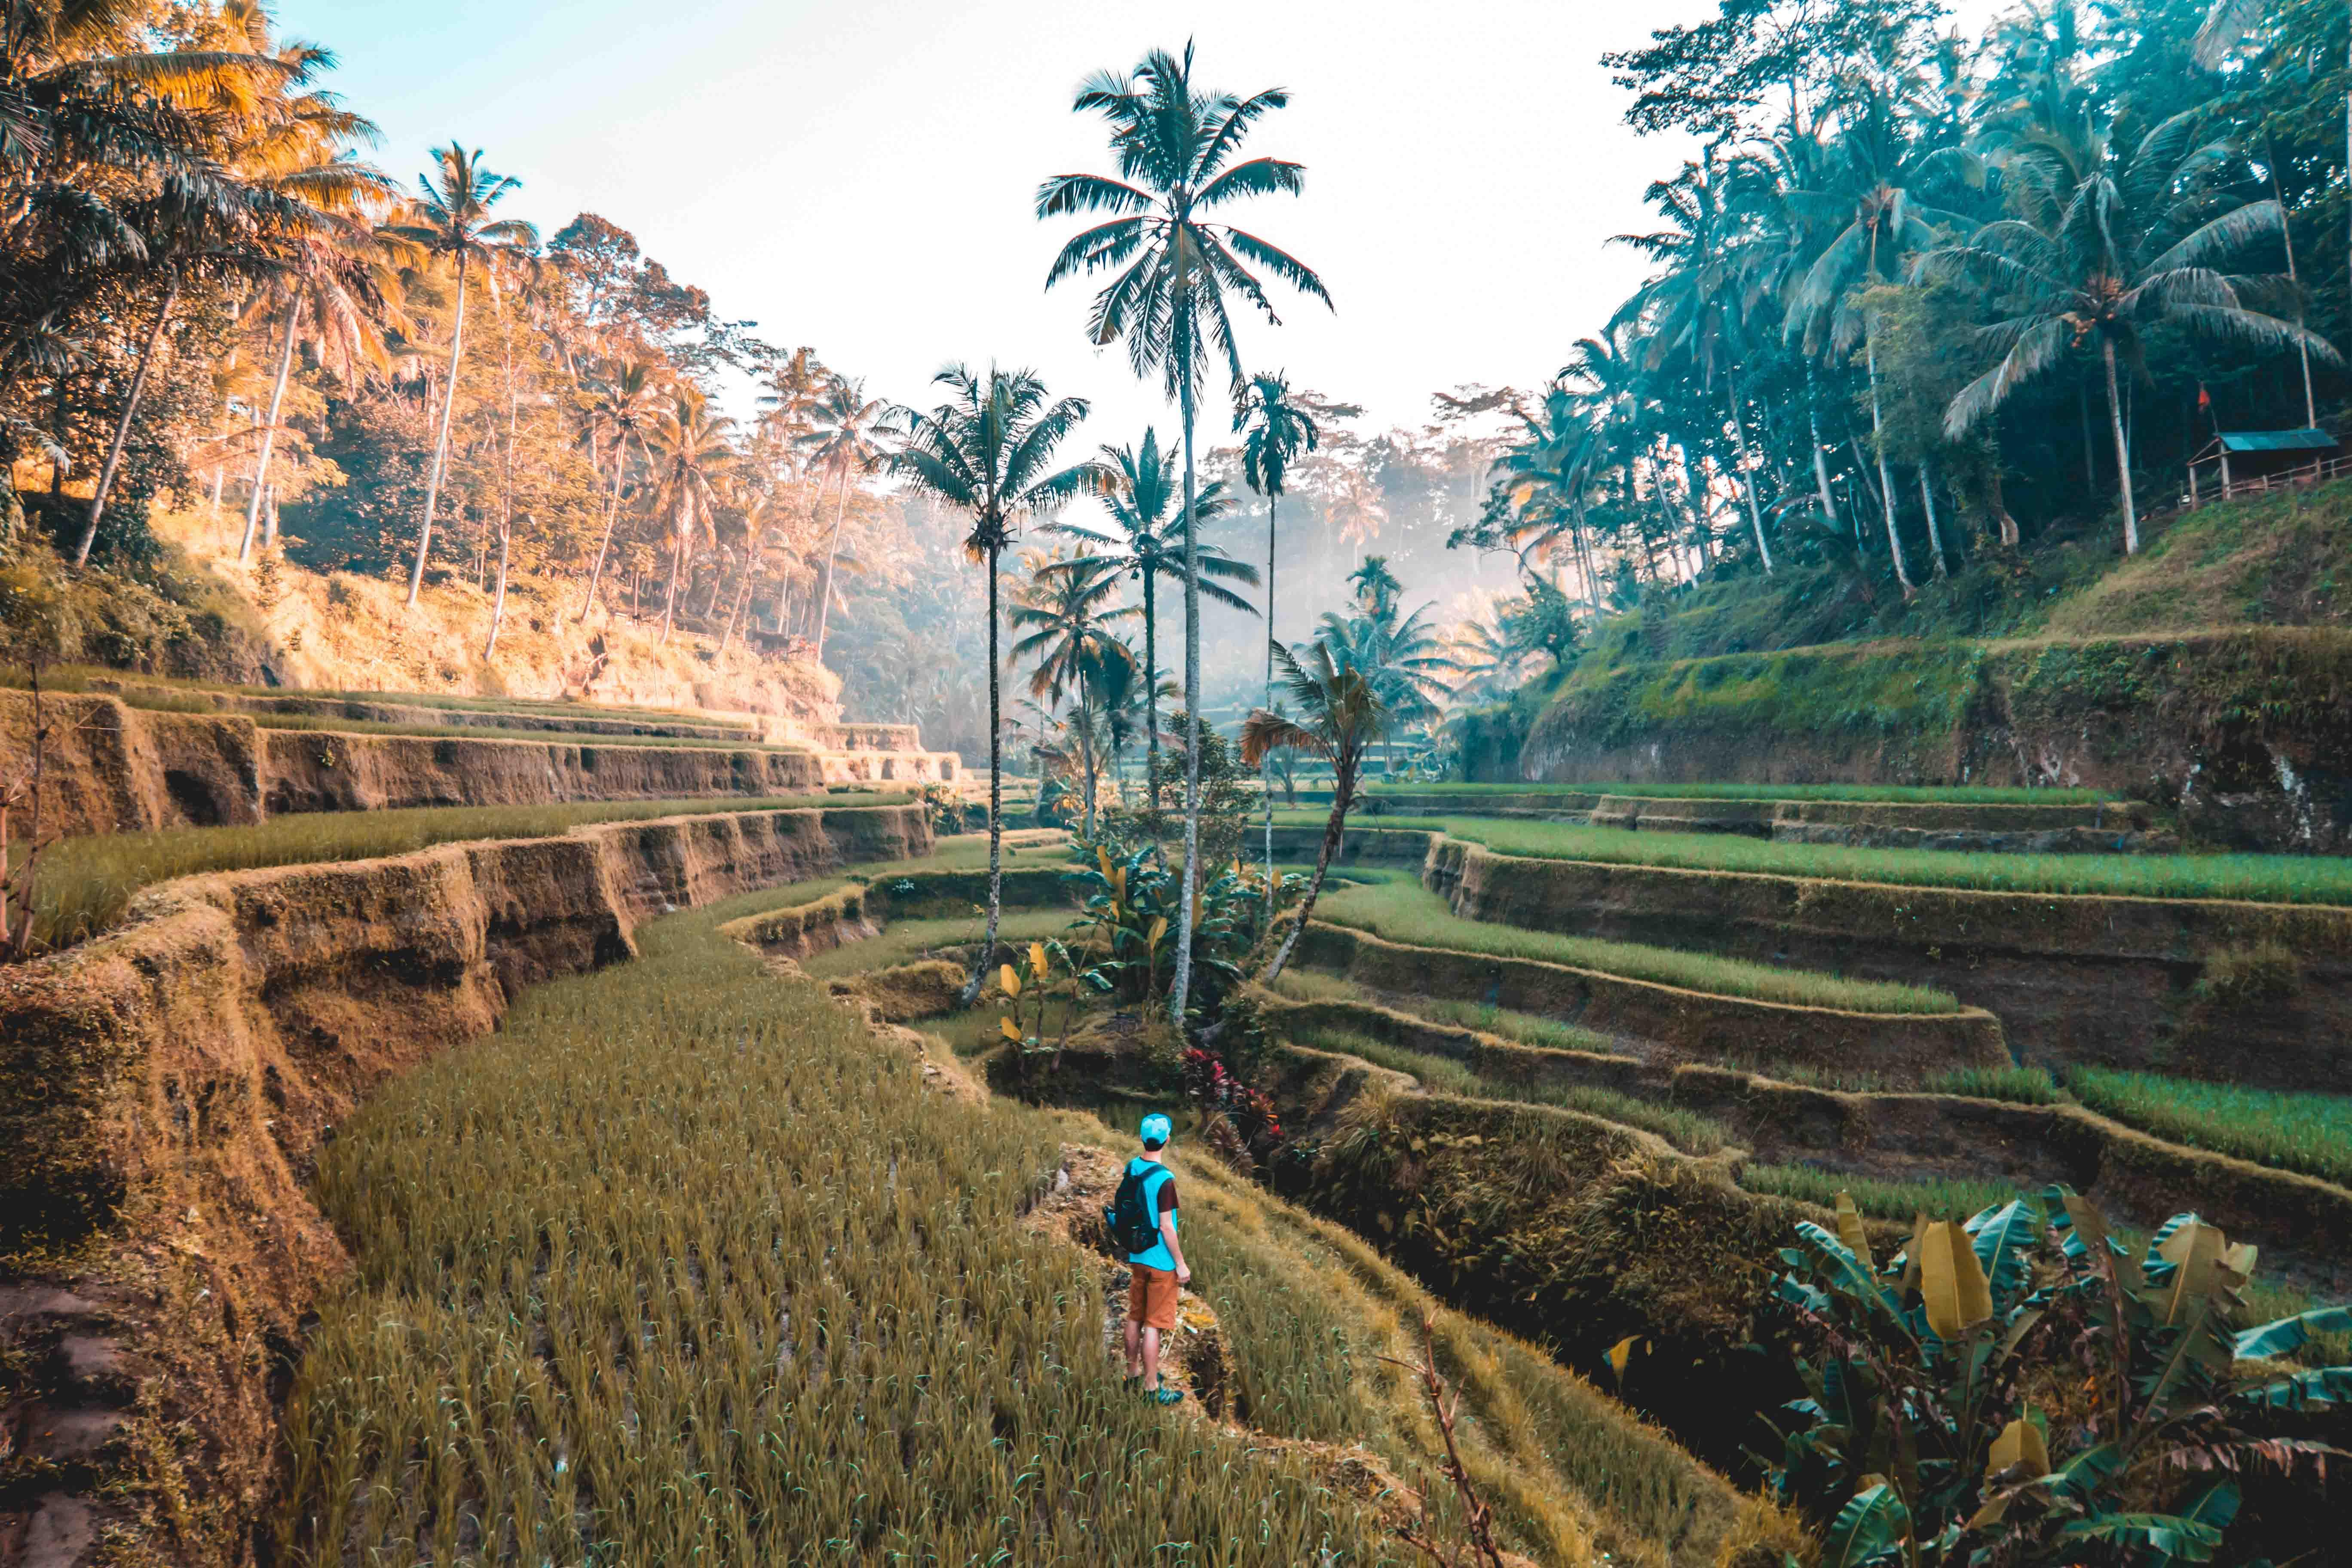 câu nói hay du lịch châu á